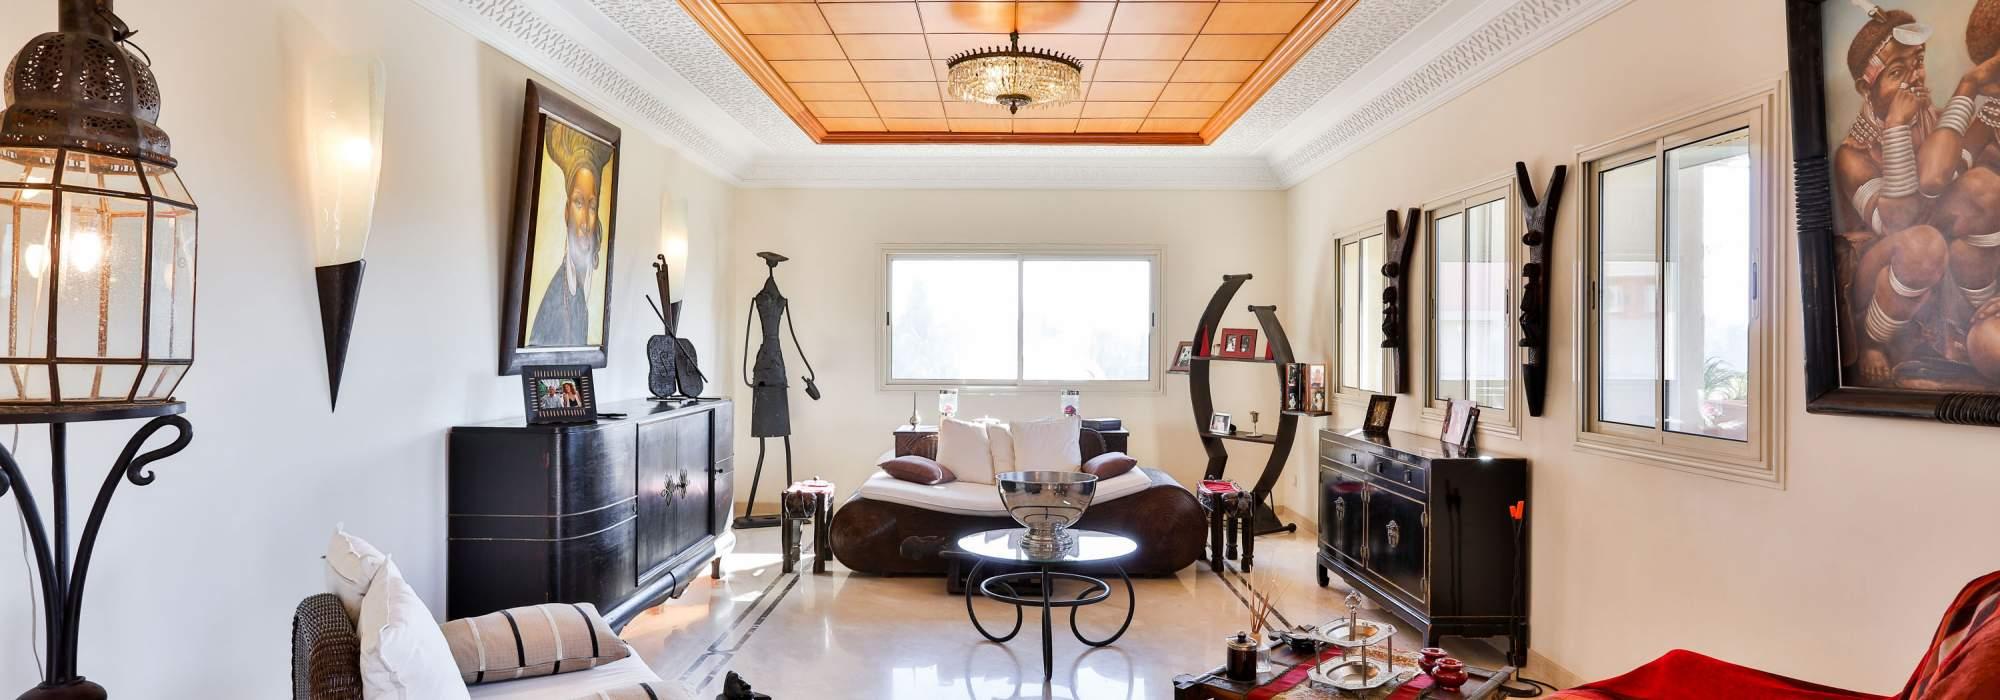 vente duplex de luxe hivernage marrakech